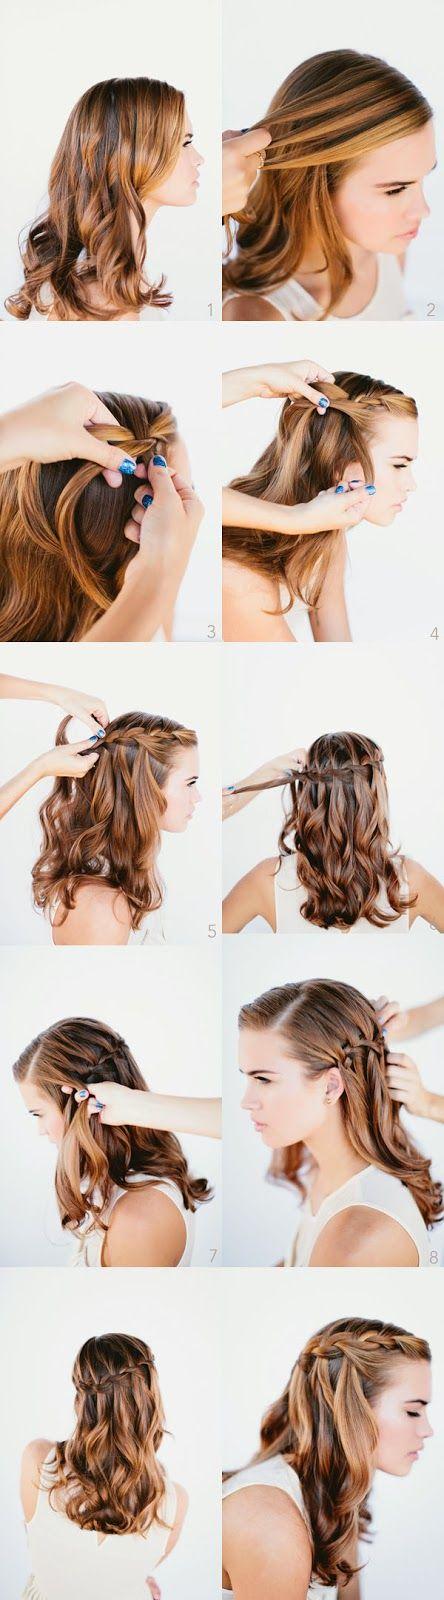 waterfall-braid-wedding-hairstyles-for-long-hair2.jpg 444×1,600 pixeles